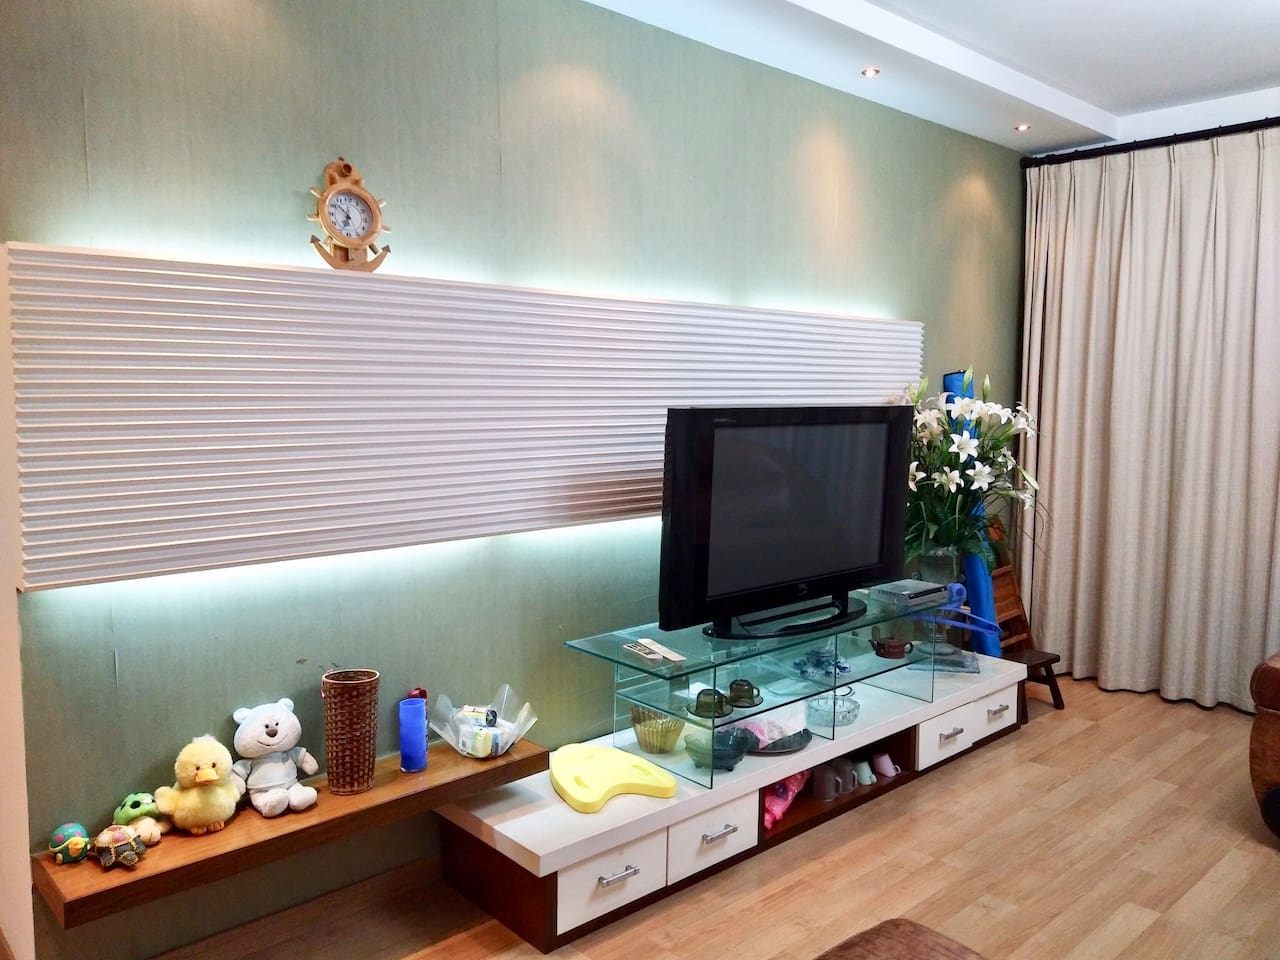 温馨优雅的客厅